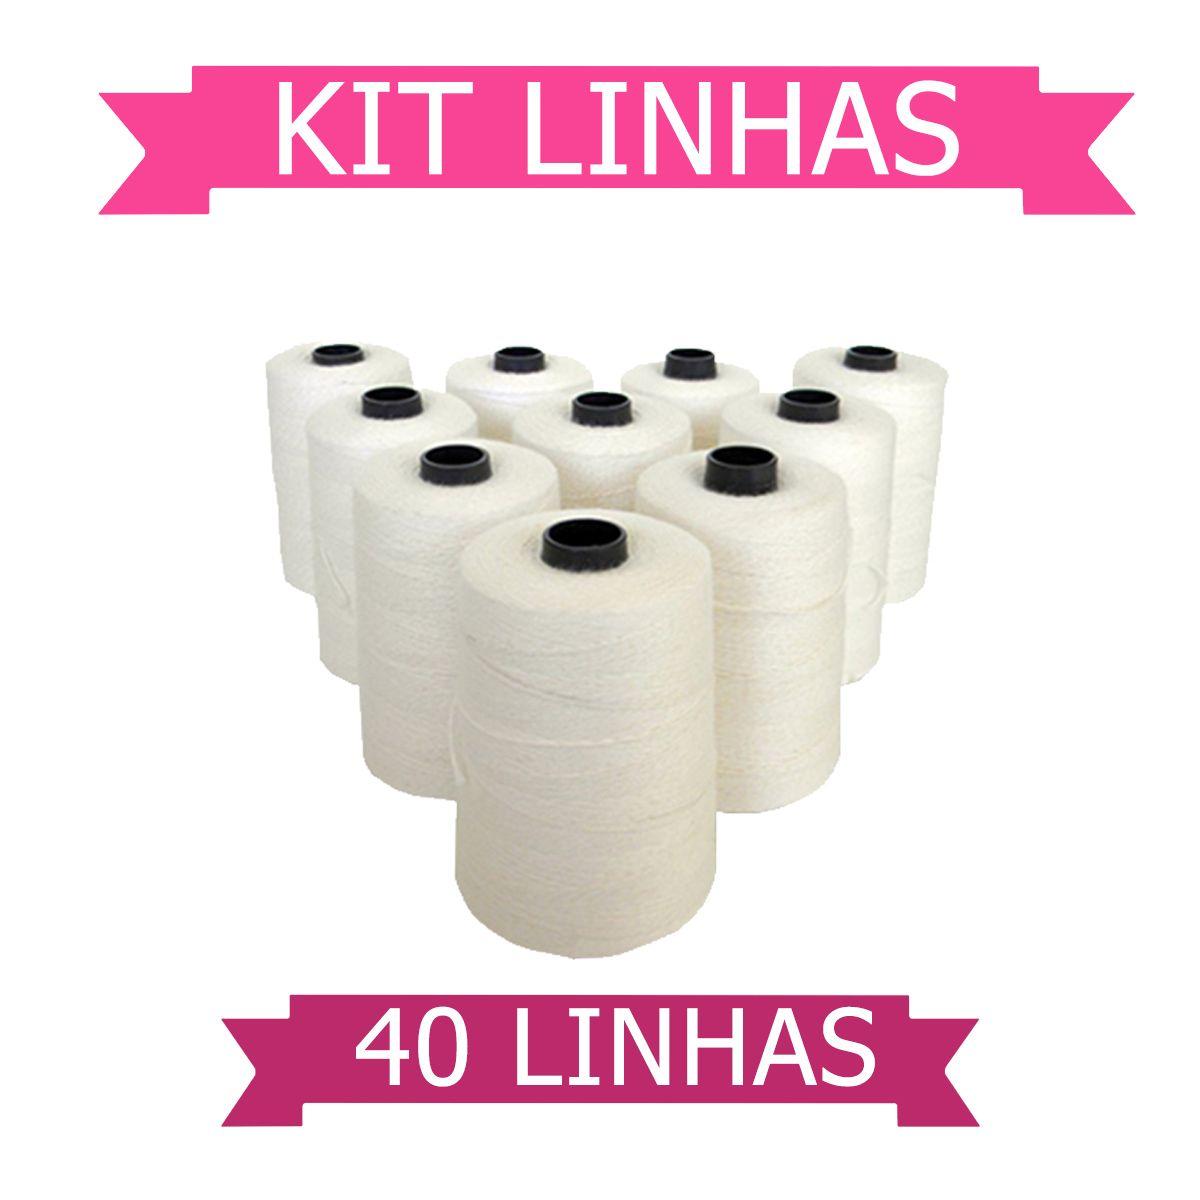 Kit 40 Linhas